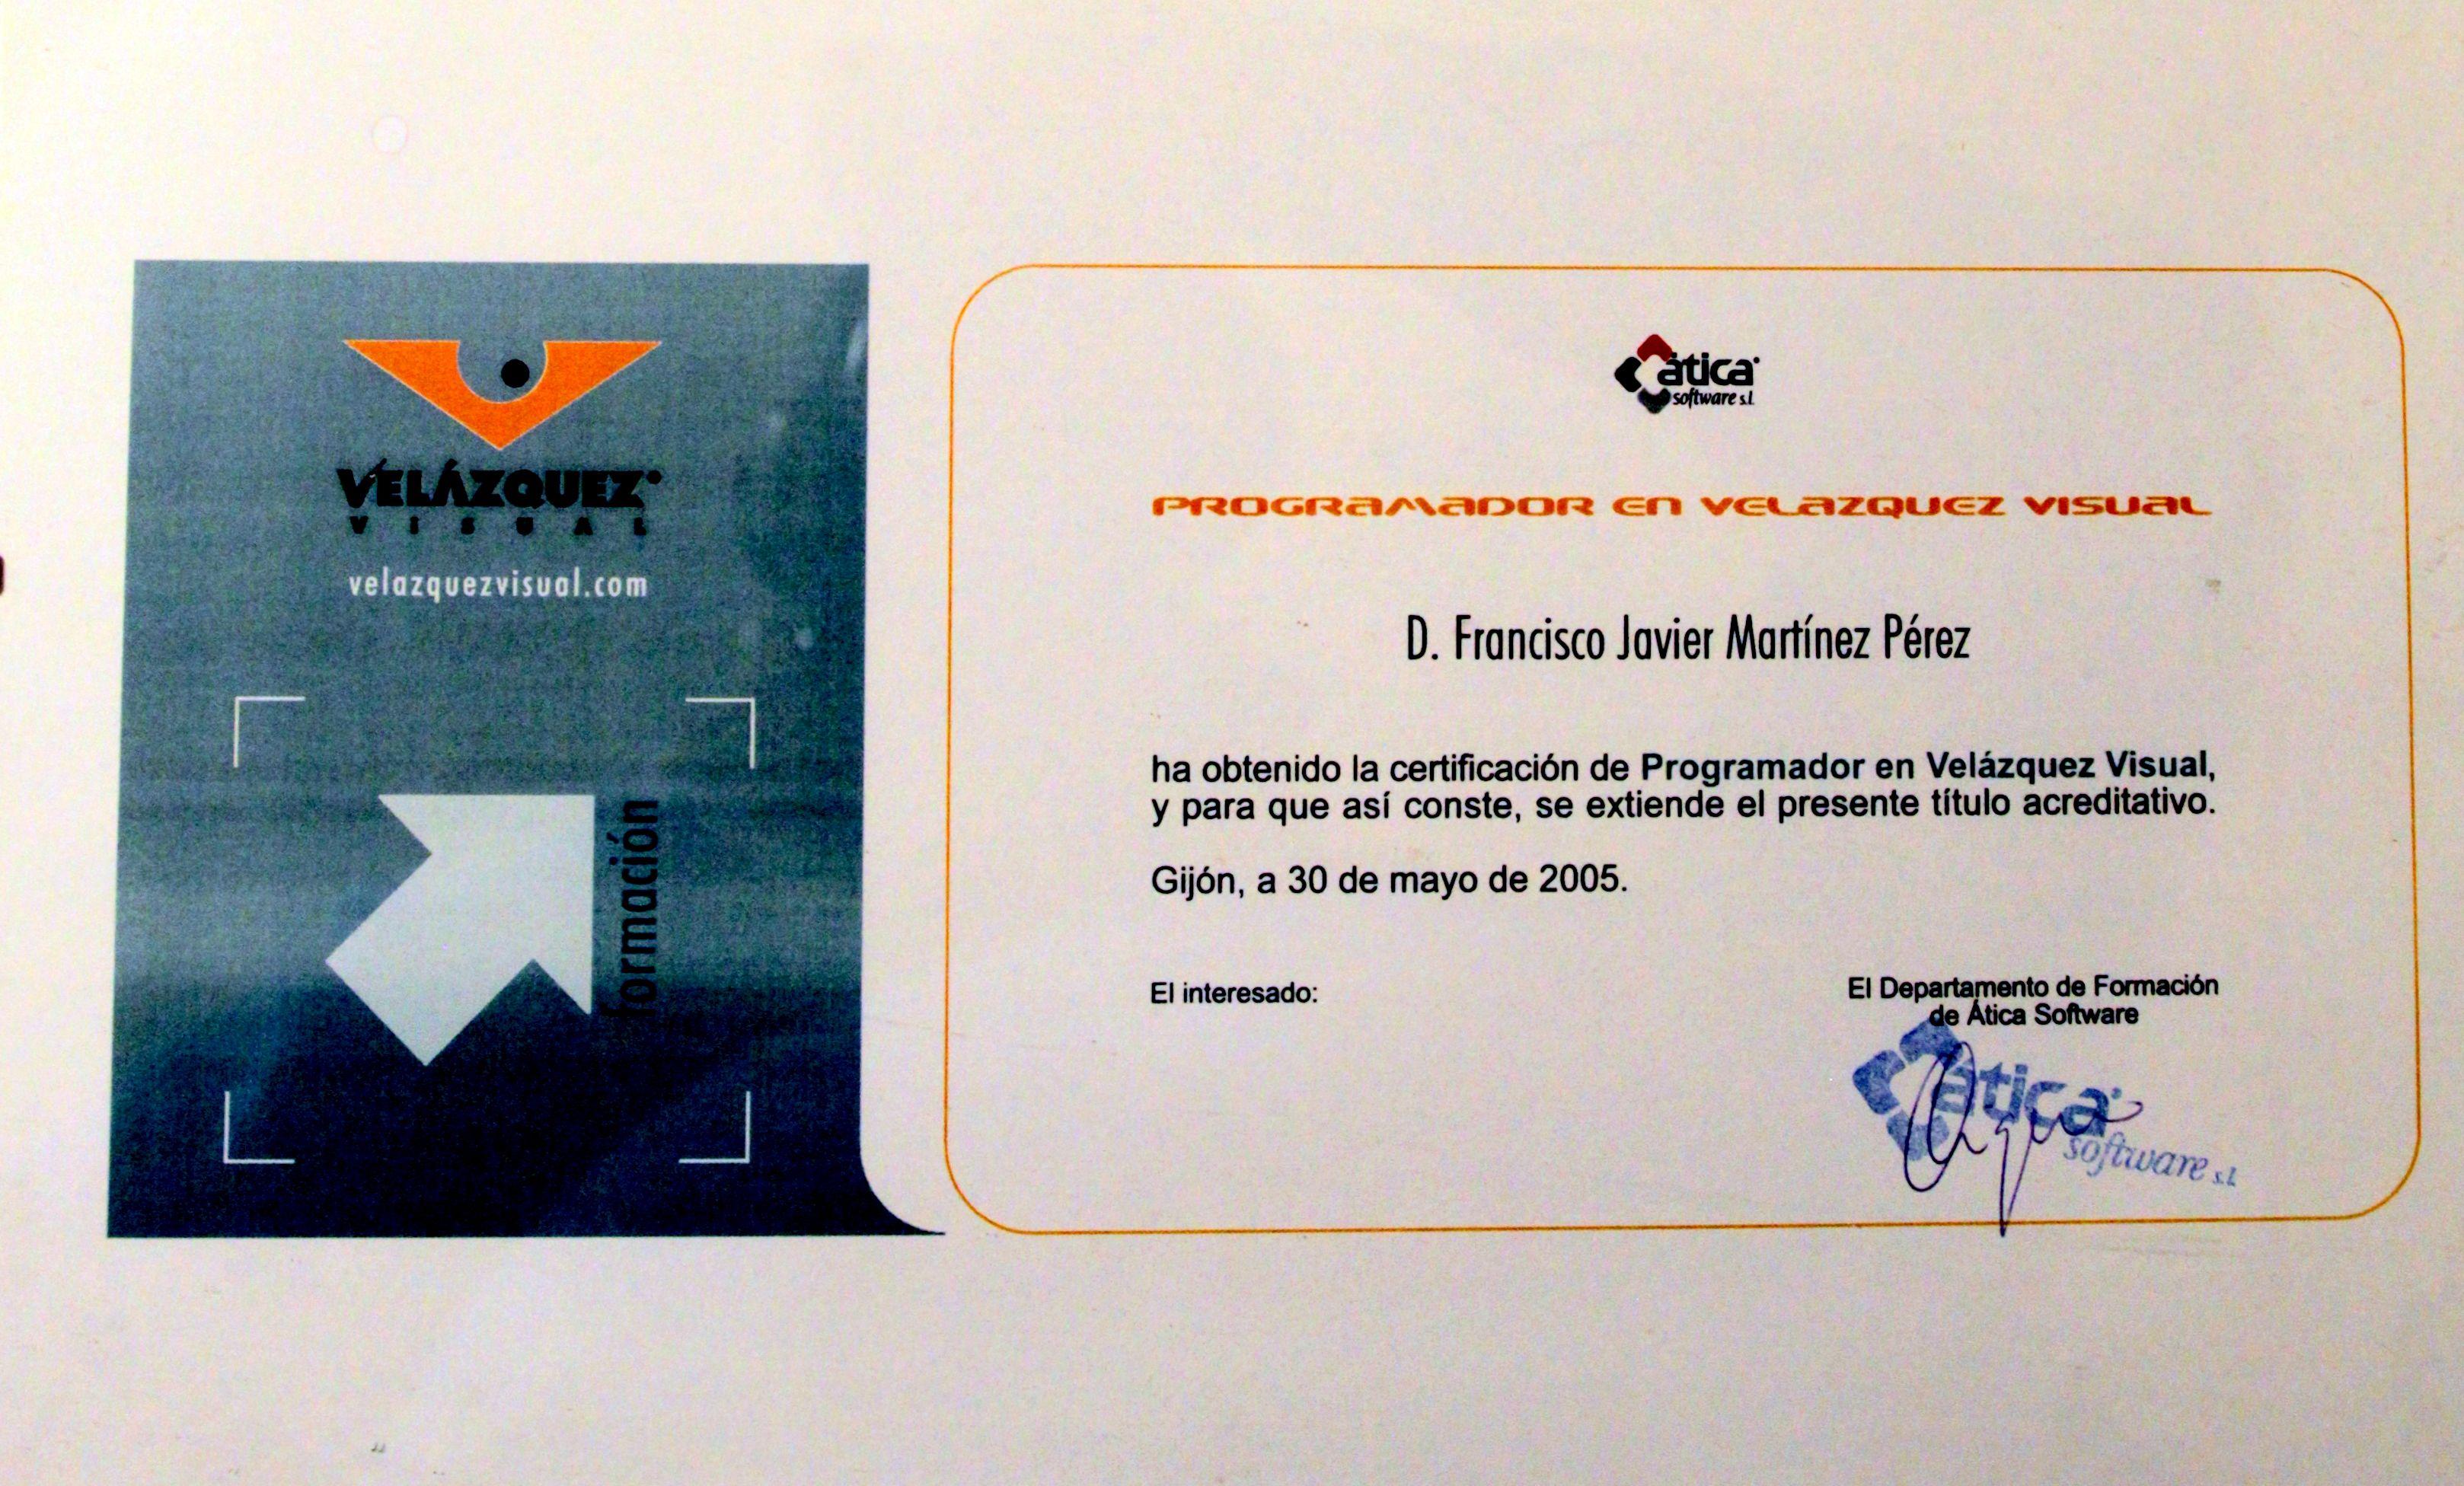 Certificado de programador